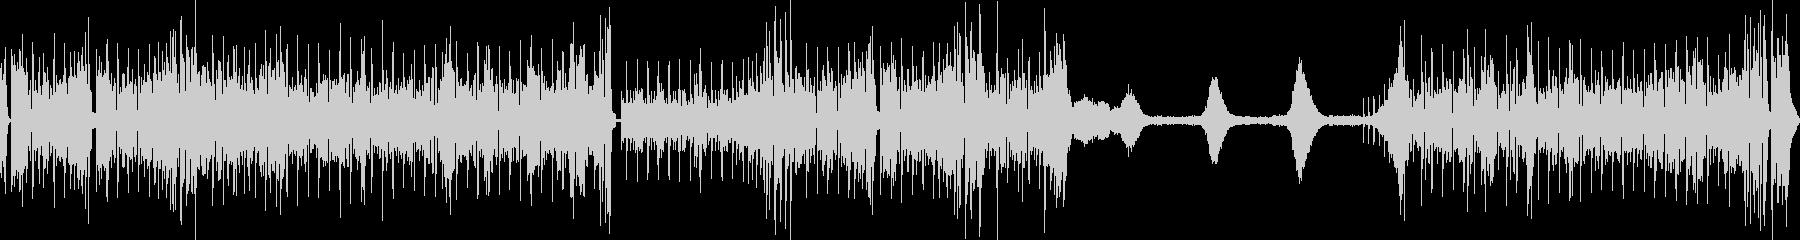 EGが印象的なフュージョンサウンドの未再生の波形